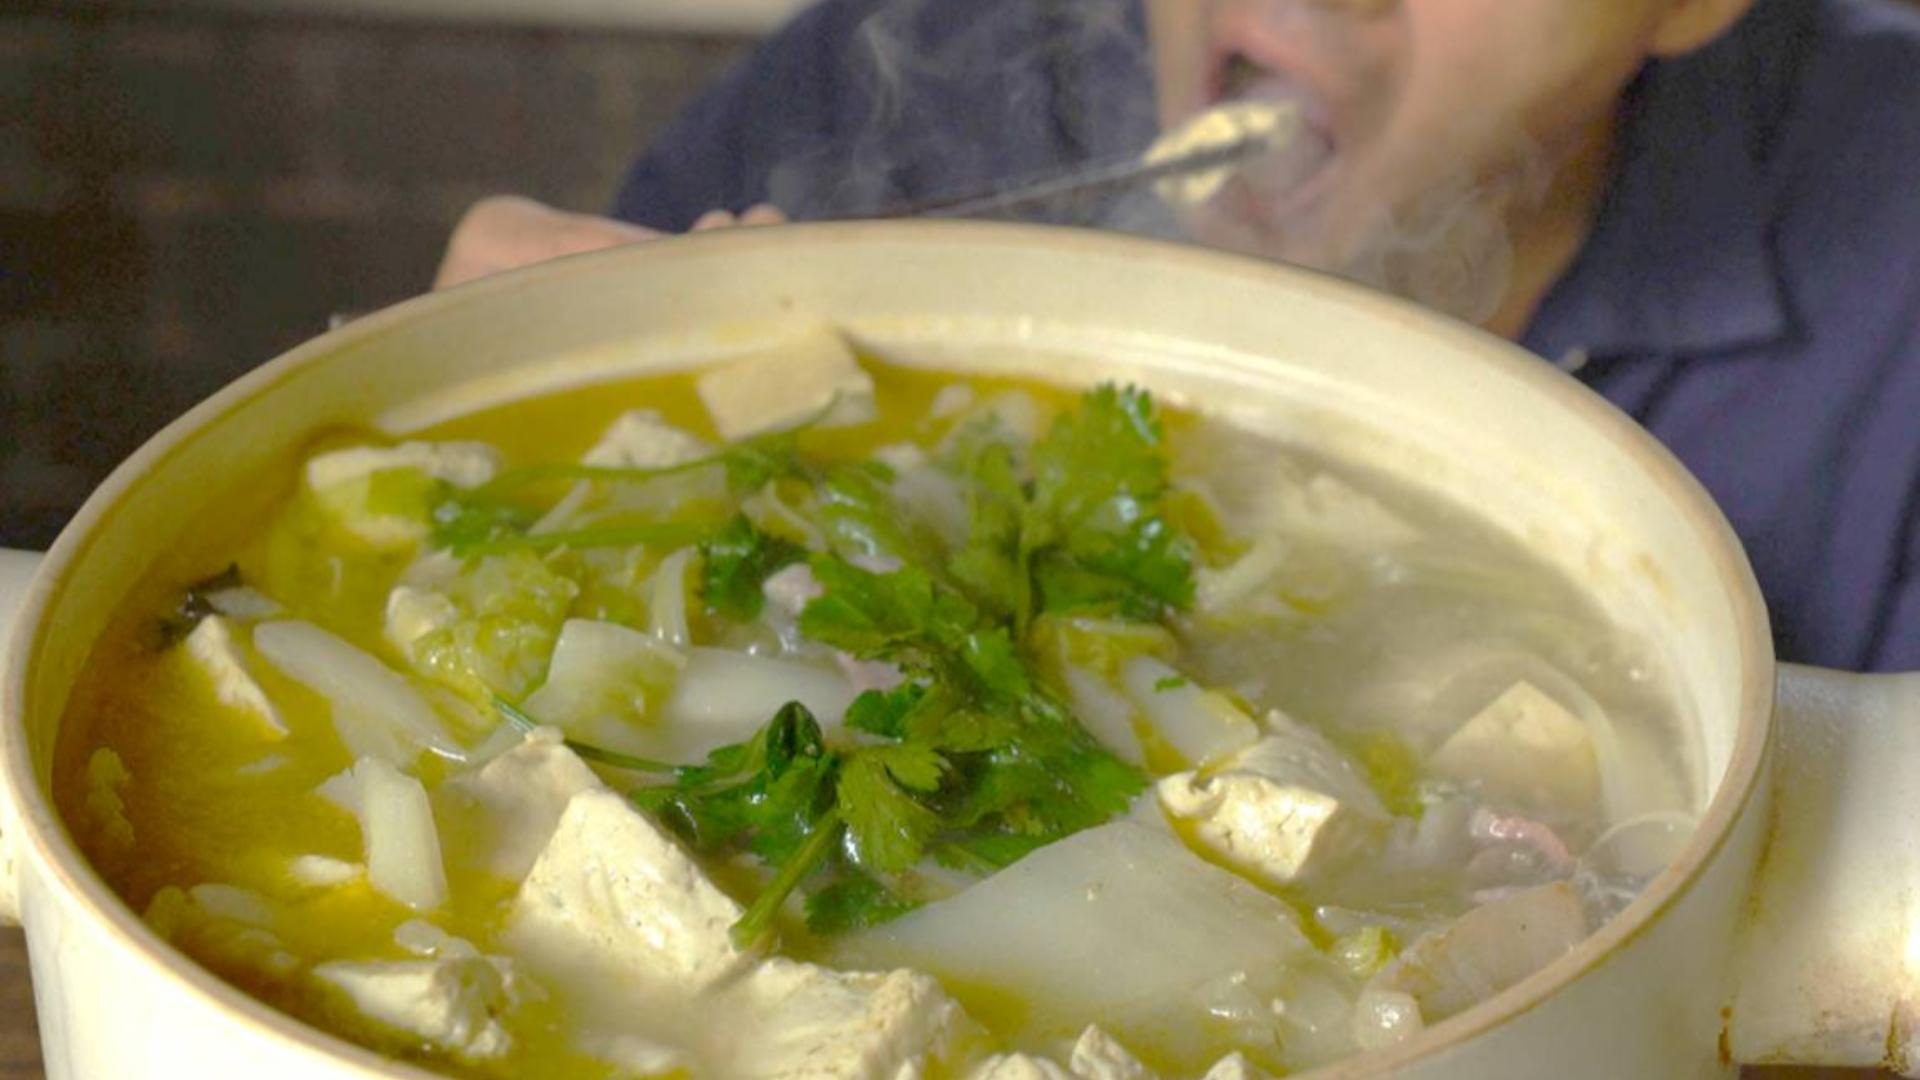 王一刀:大白菜放在砂锅里,加点豆腐和粉条,一年四季也吃不够